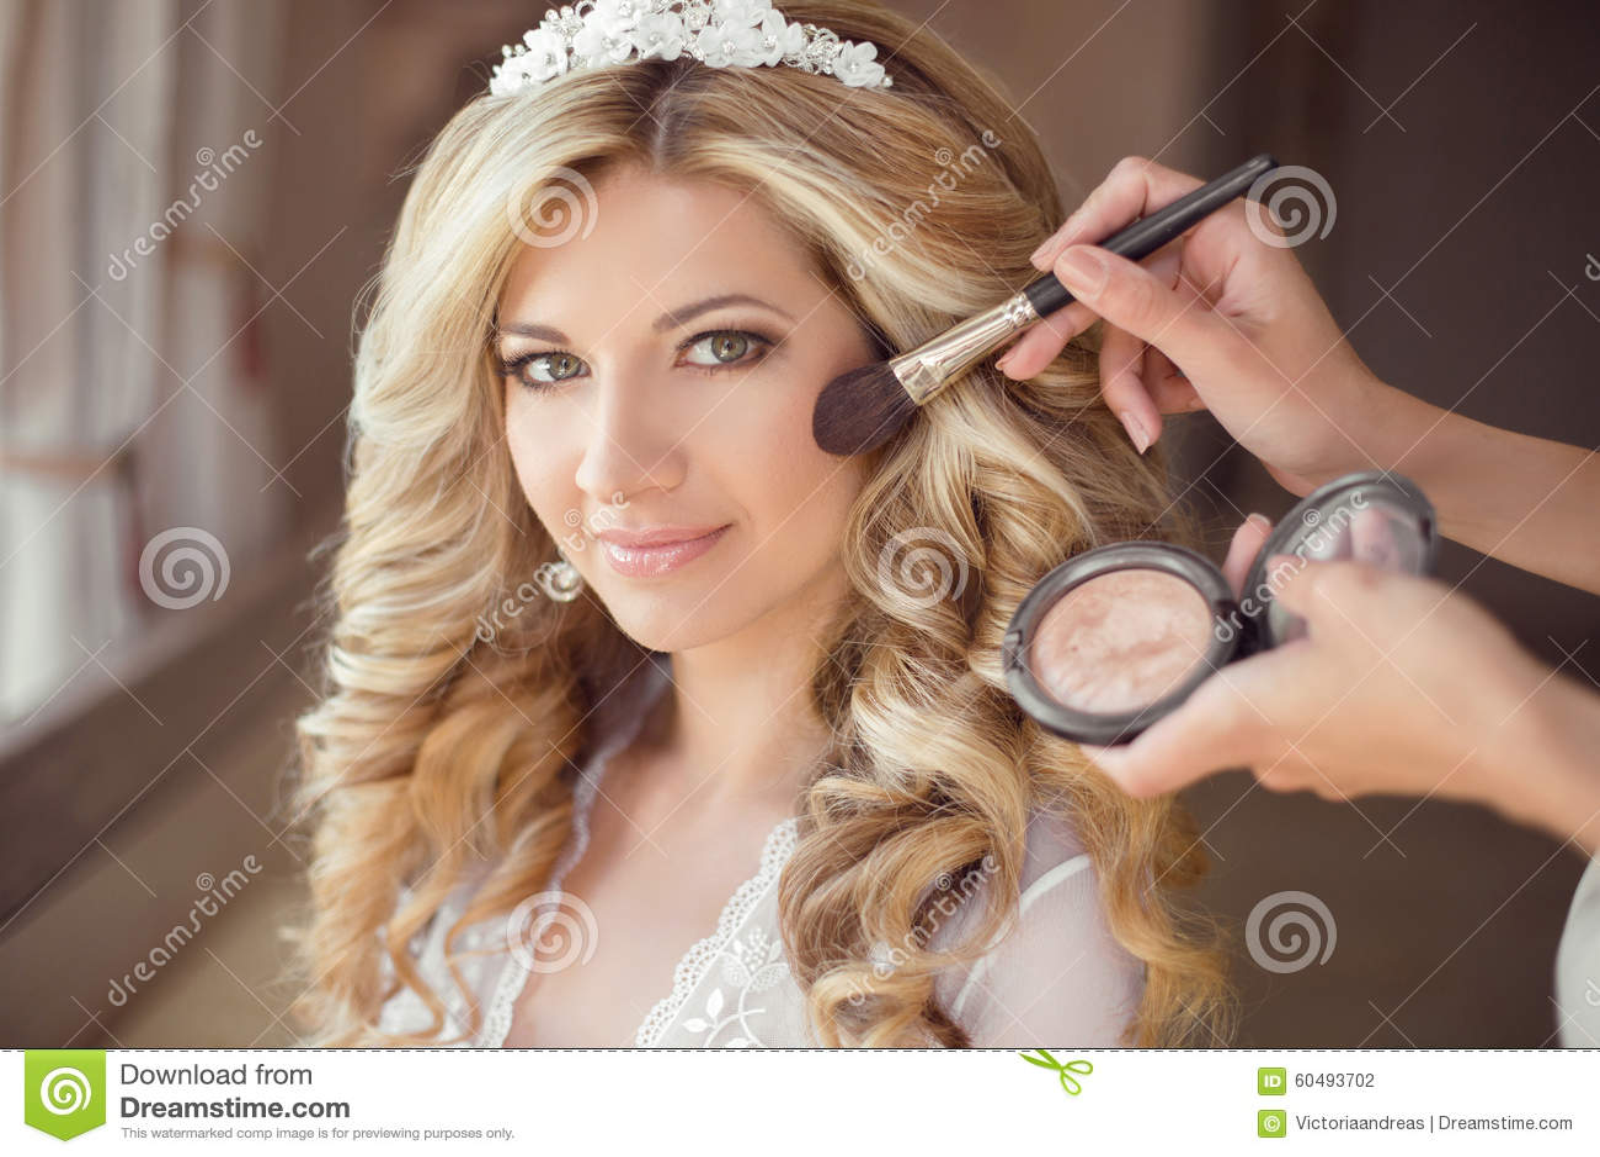 Αποτελέστε το ρουζ τρίχωμα υγιές όμορφος γάμος νυφών χαμόγελου por